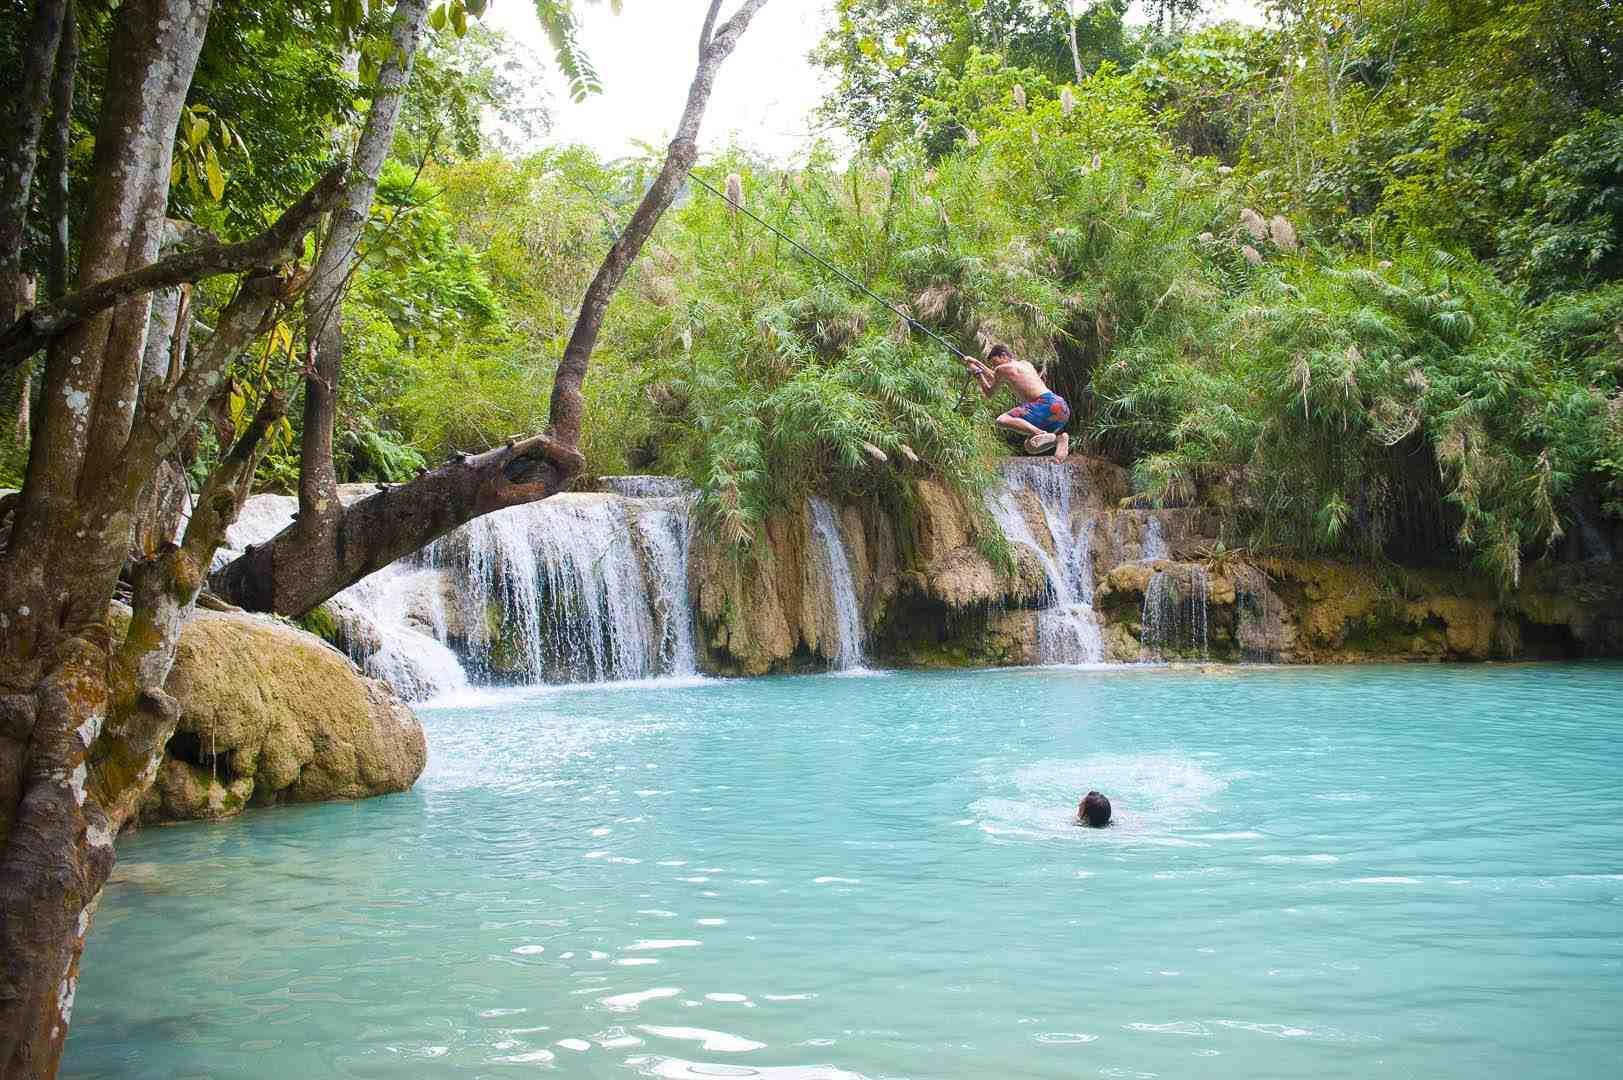 Luang Prabang - Vientiane - 5 Days